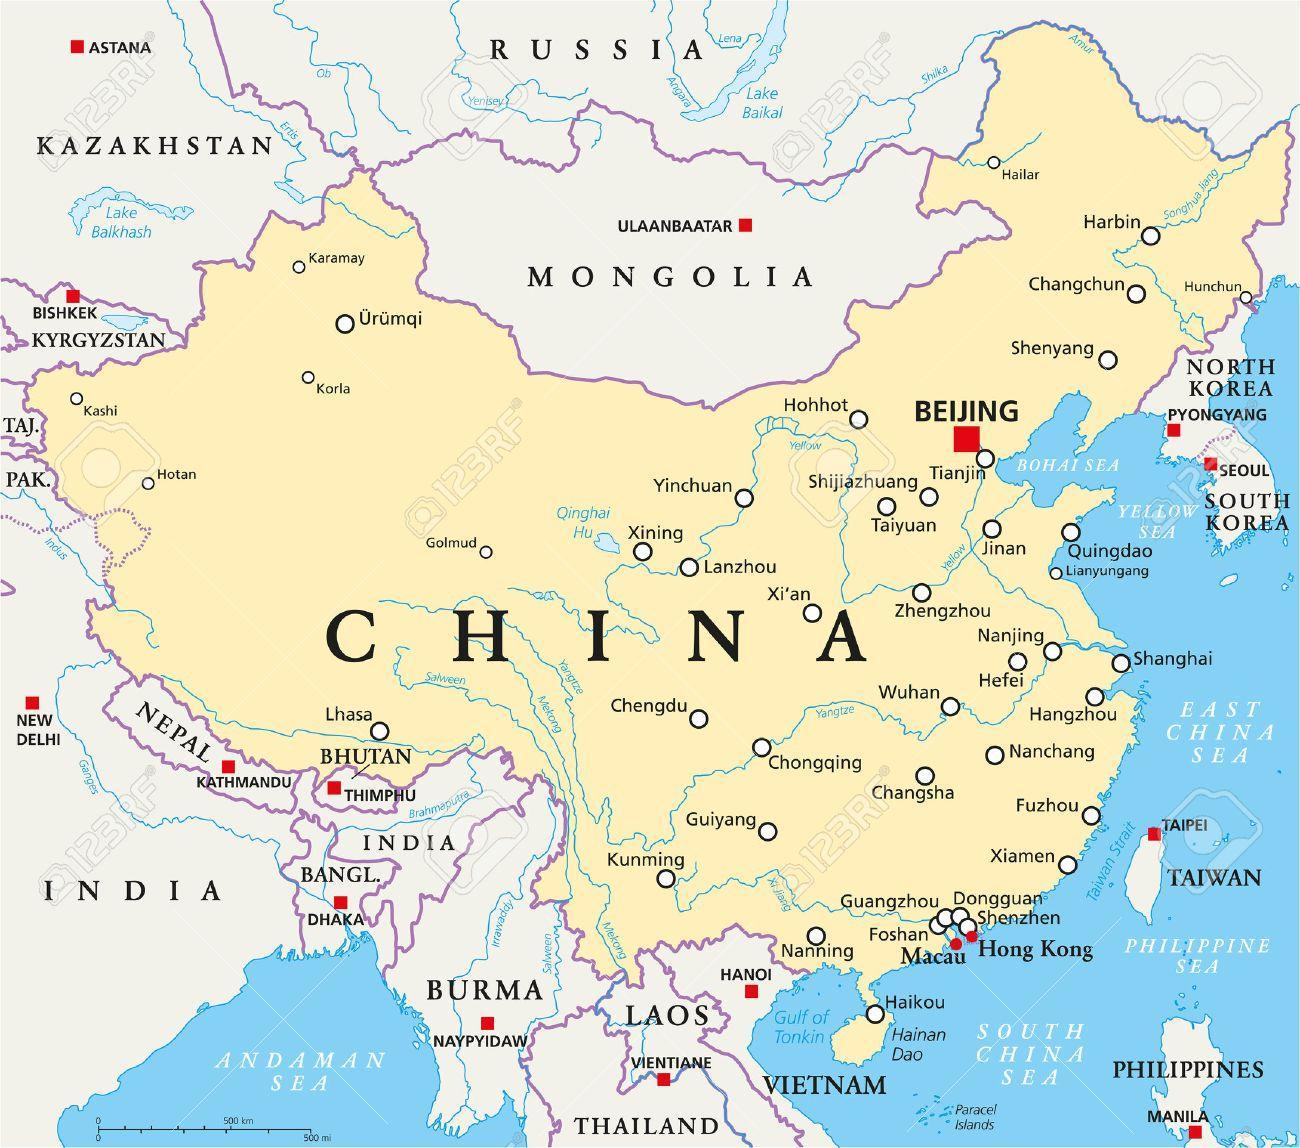 kina mapa Grad Kine mapu   Kina je mapa kapitala (Istočna Azija   Aziji) kina mapa